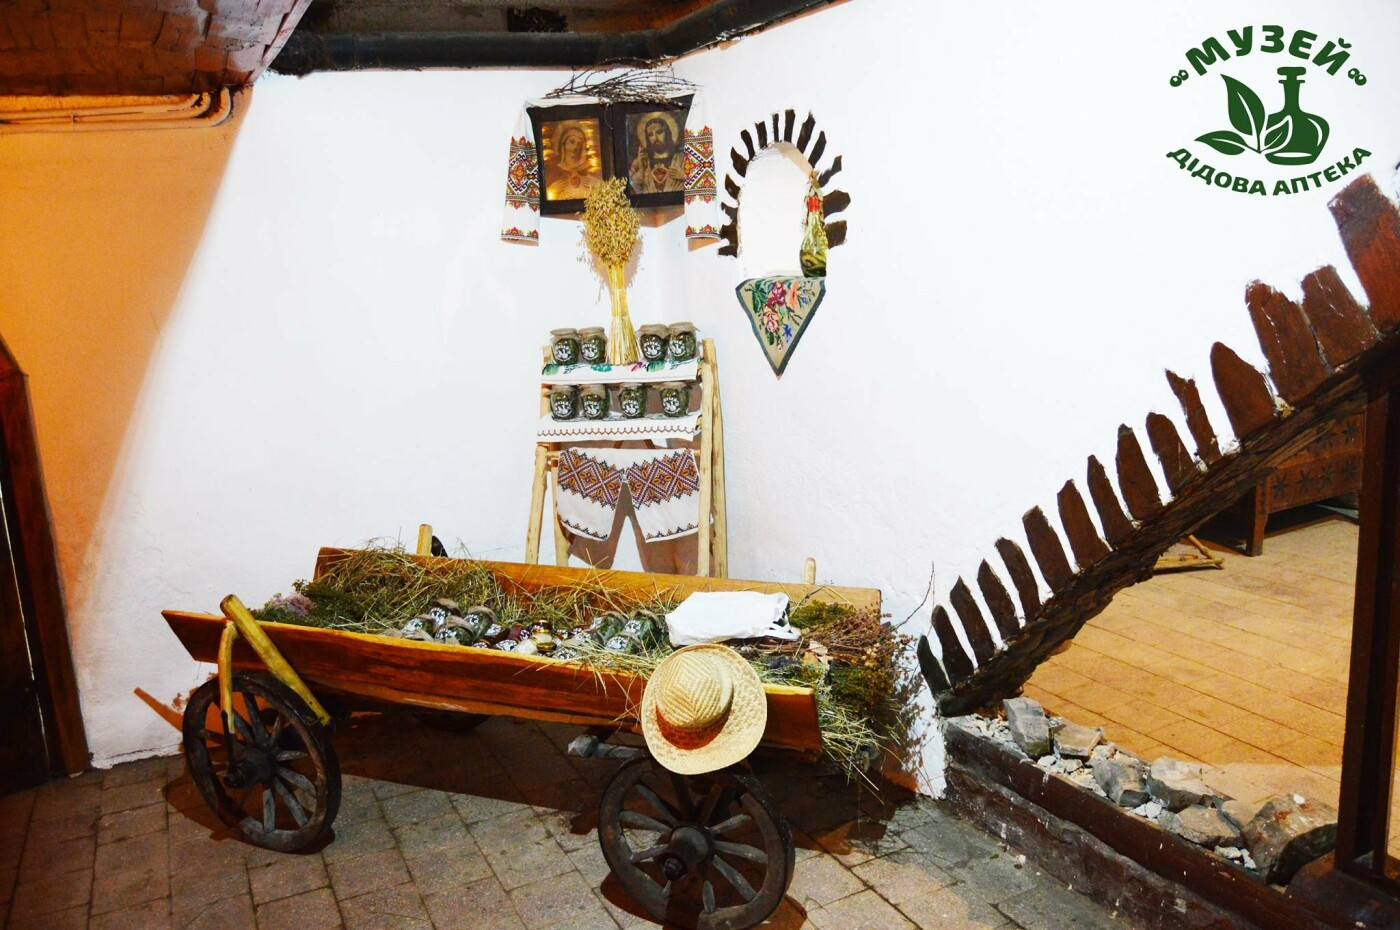 У Криворівні працює перший музей-крамниця настоянок за старовинними рецептами (фото, відео), фото-25